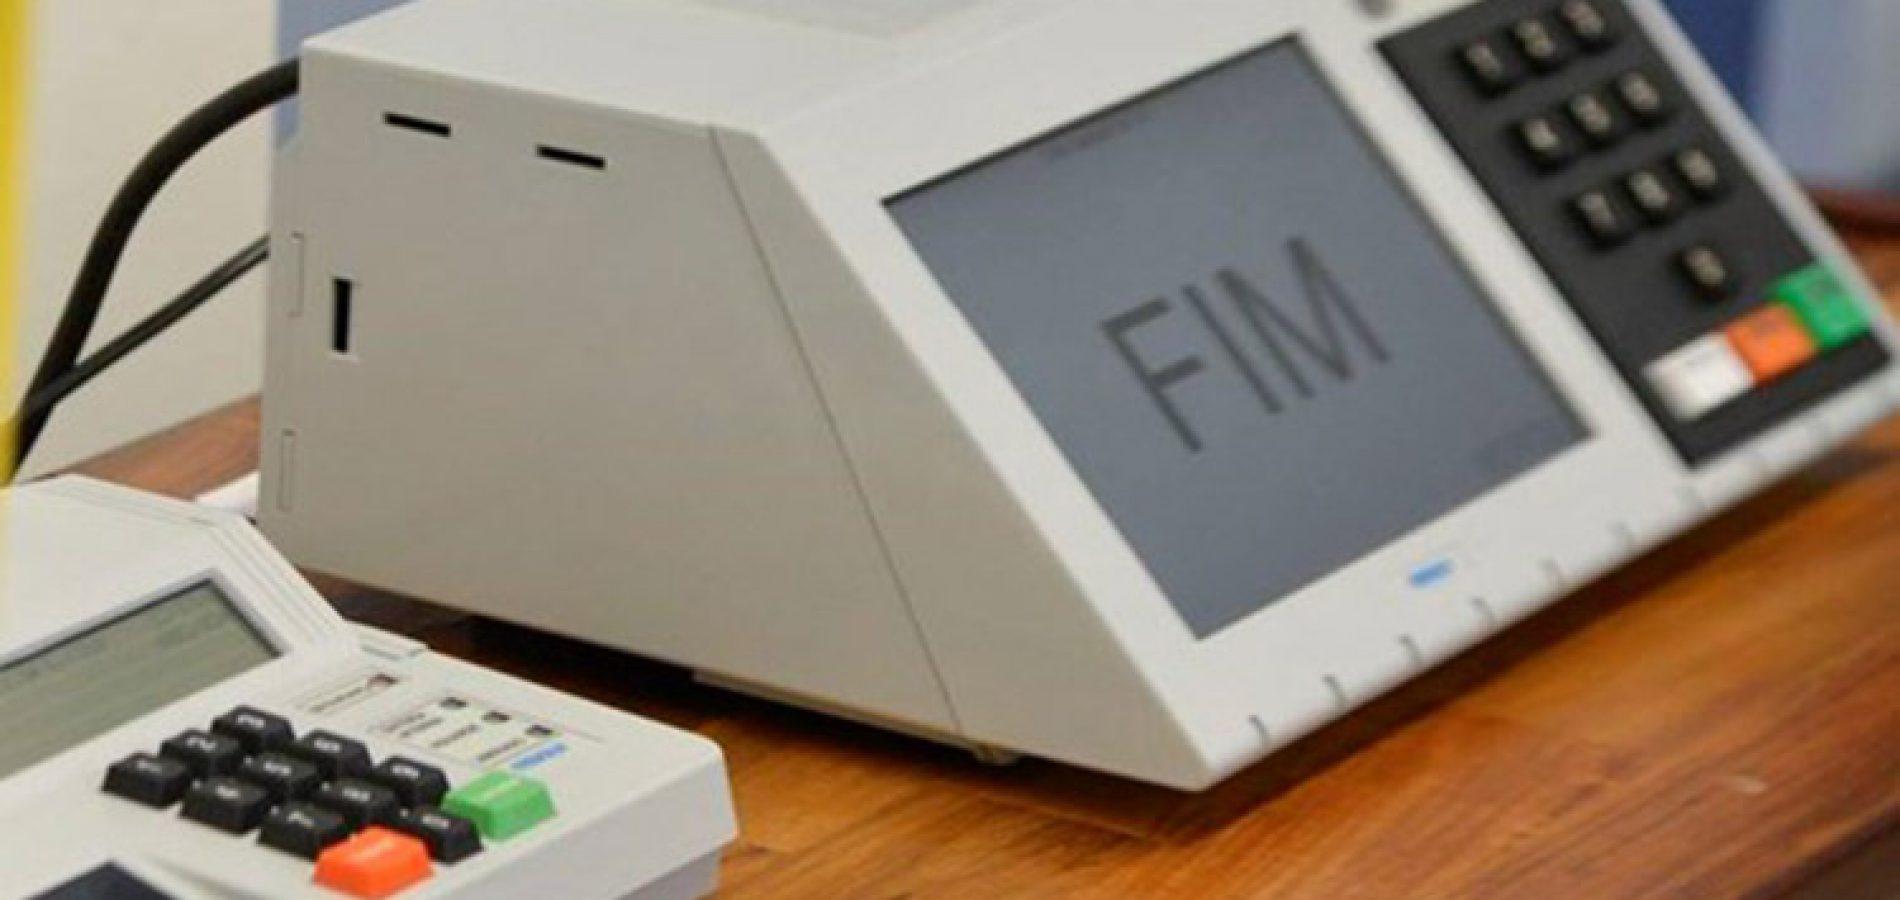 Eleição para conselheiro tutelar é adiada pela segunda vez em Parnaíba, Litoral do Piauí